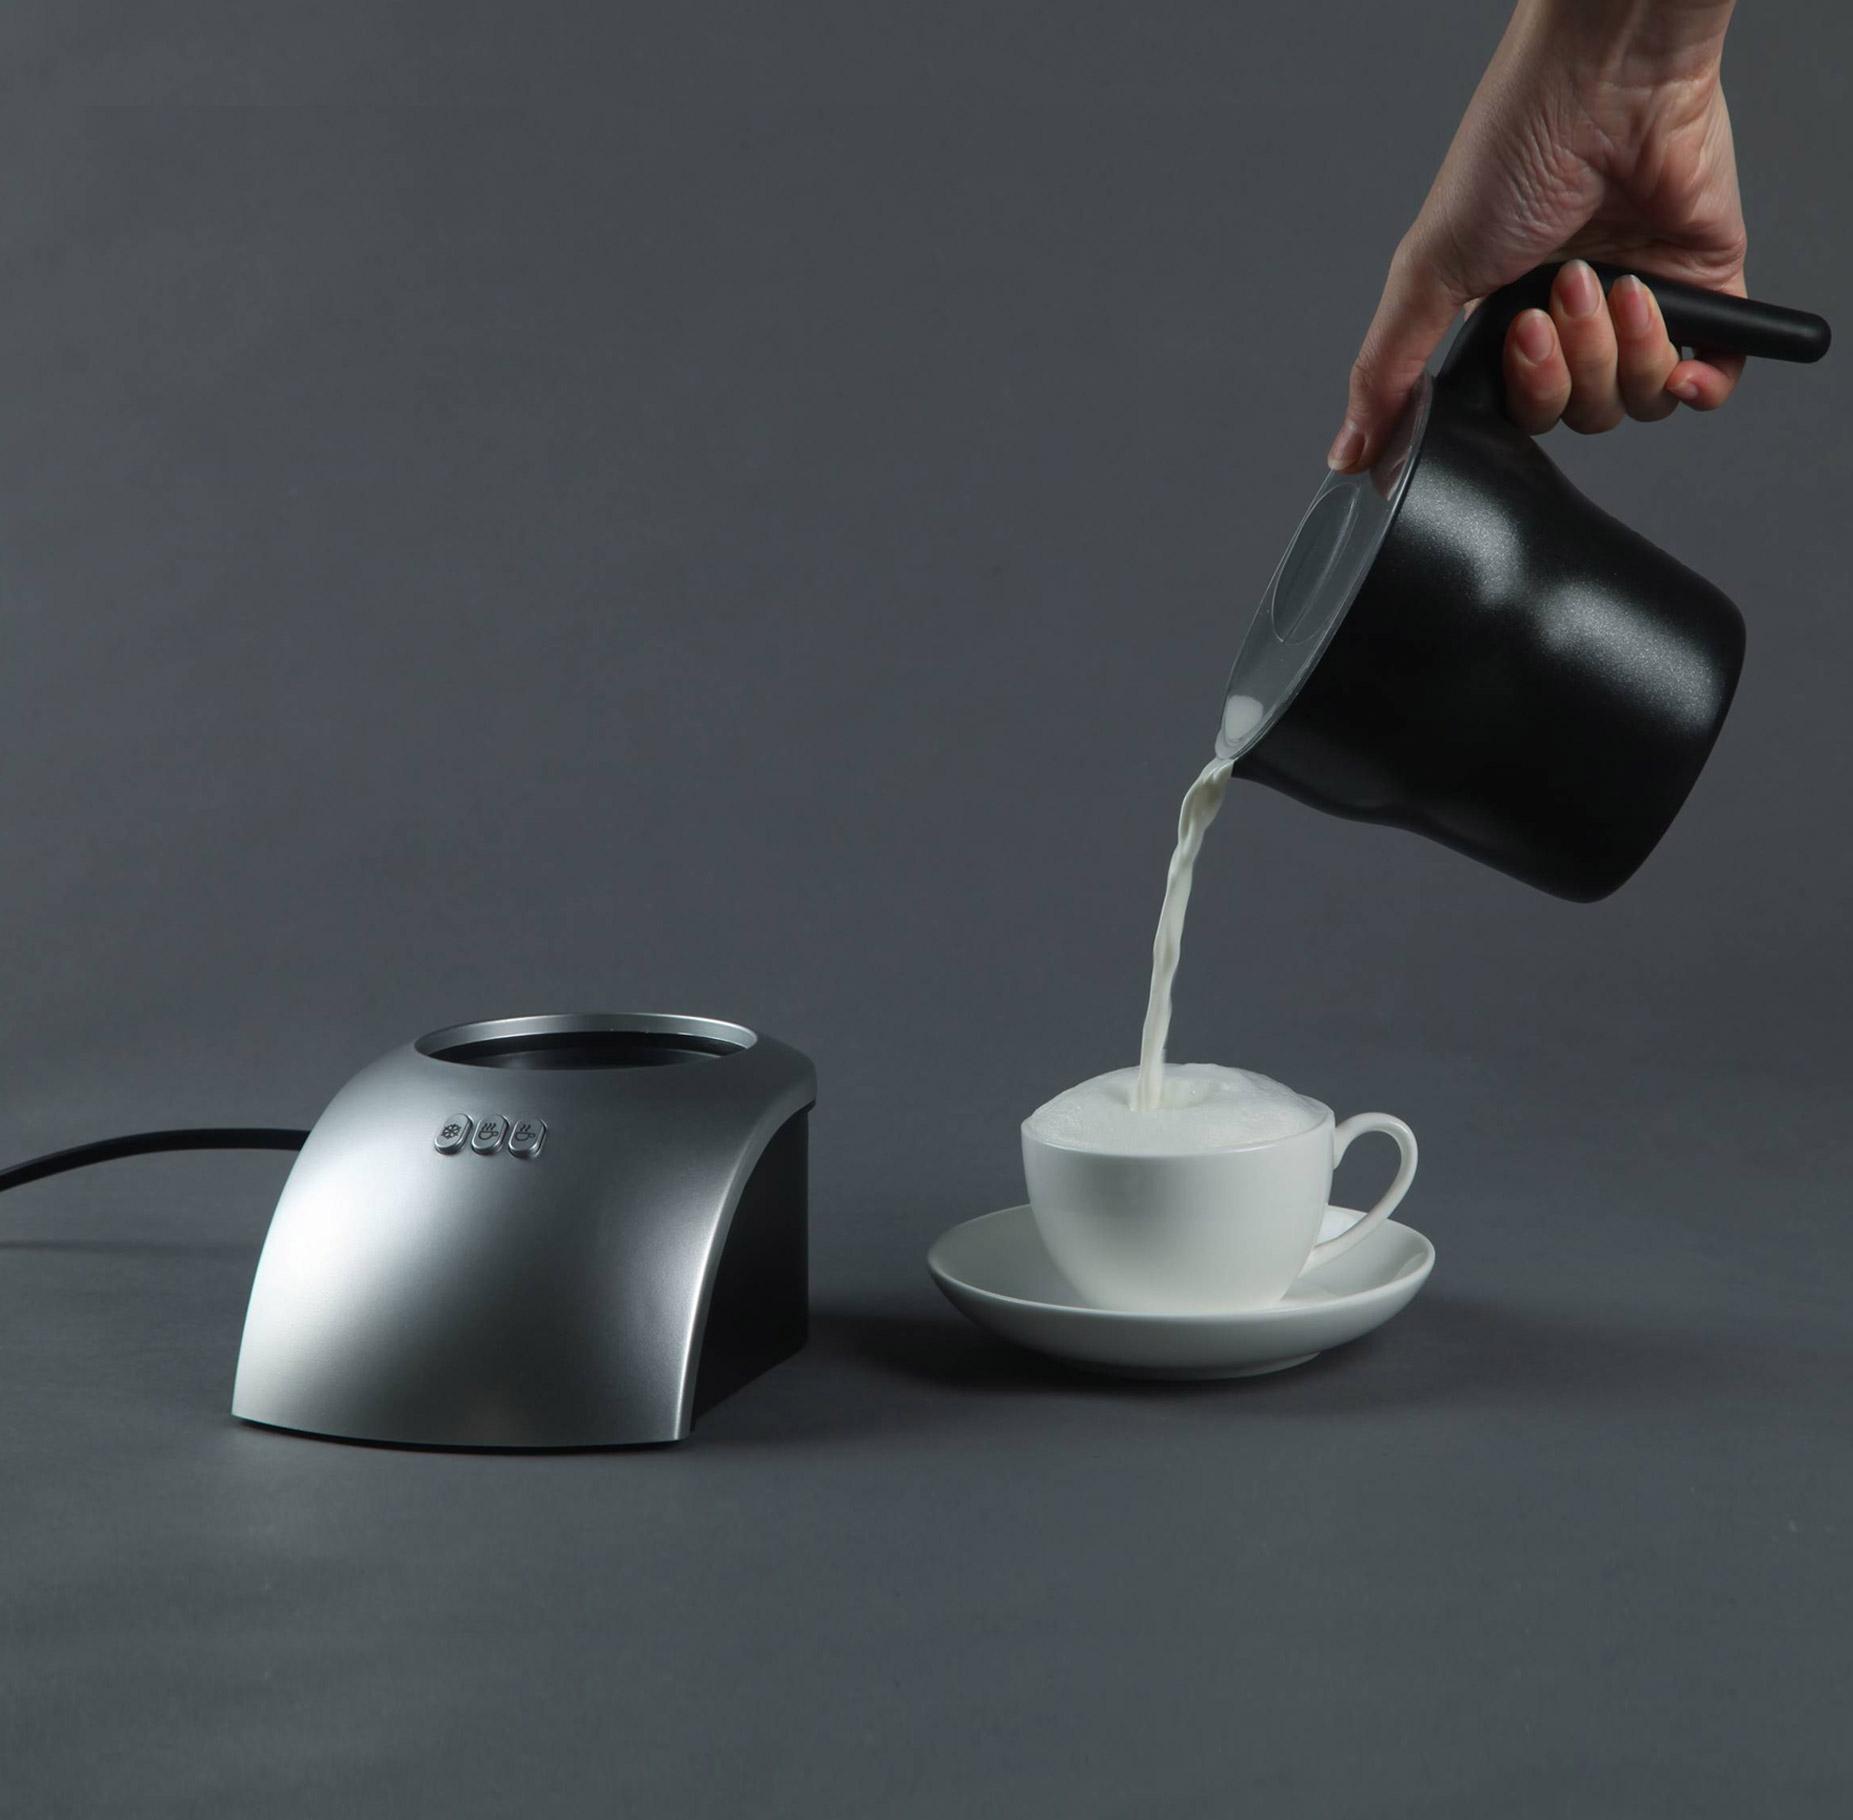 שדרגו את הבוקר שלכם! מקציף חלב מדגם MIA ESPRESSO מהדור החדש! משלוח חינם - תמונה 2